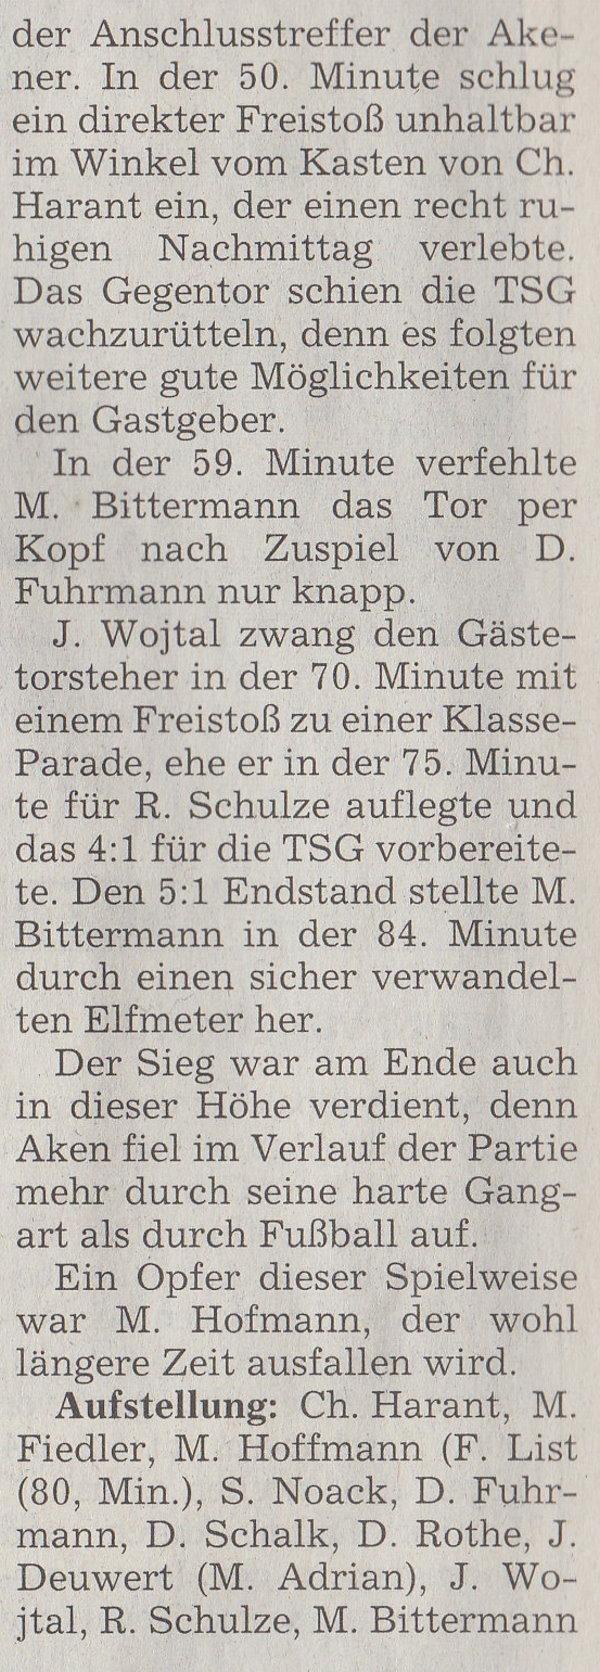 Volksstimme-Artikel vom 13. November 2001 (Teil 2).